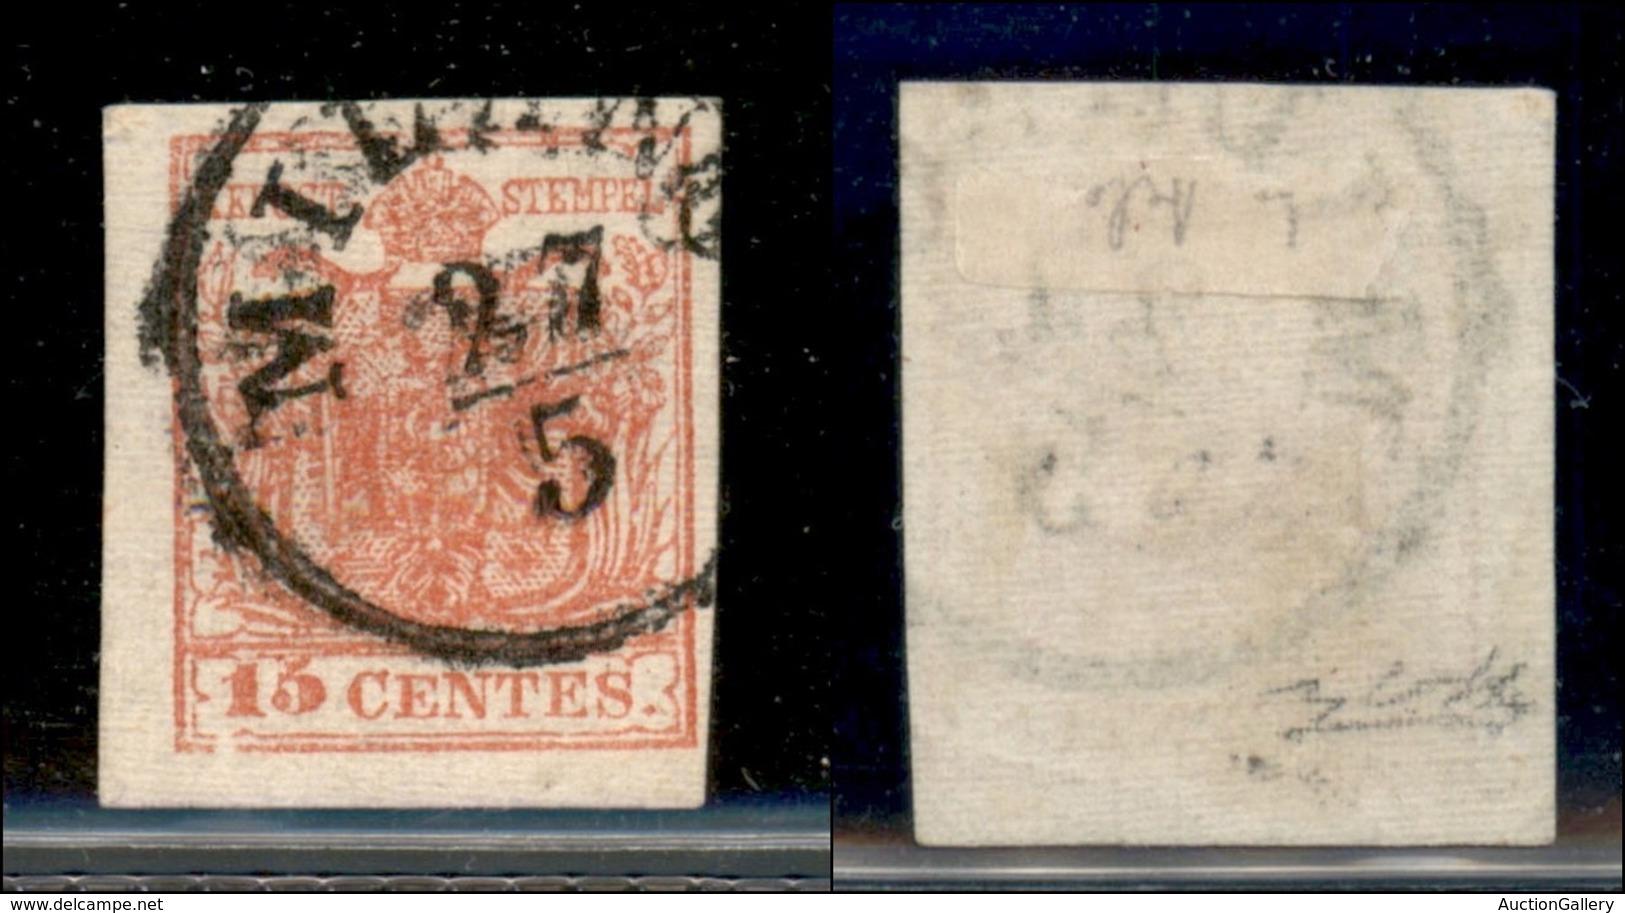 ANTICHI STATI ITALIANI - LOMBARDO VENETO - 1852 - 15 Cent (6) Usato - Carta Quadrillè - Clichè Difettoso In Basso A Sini - Sin Clasificación